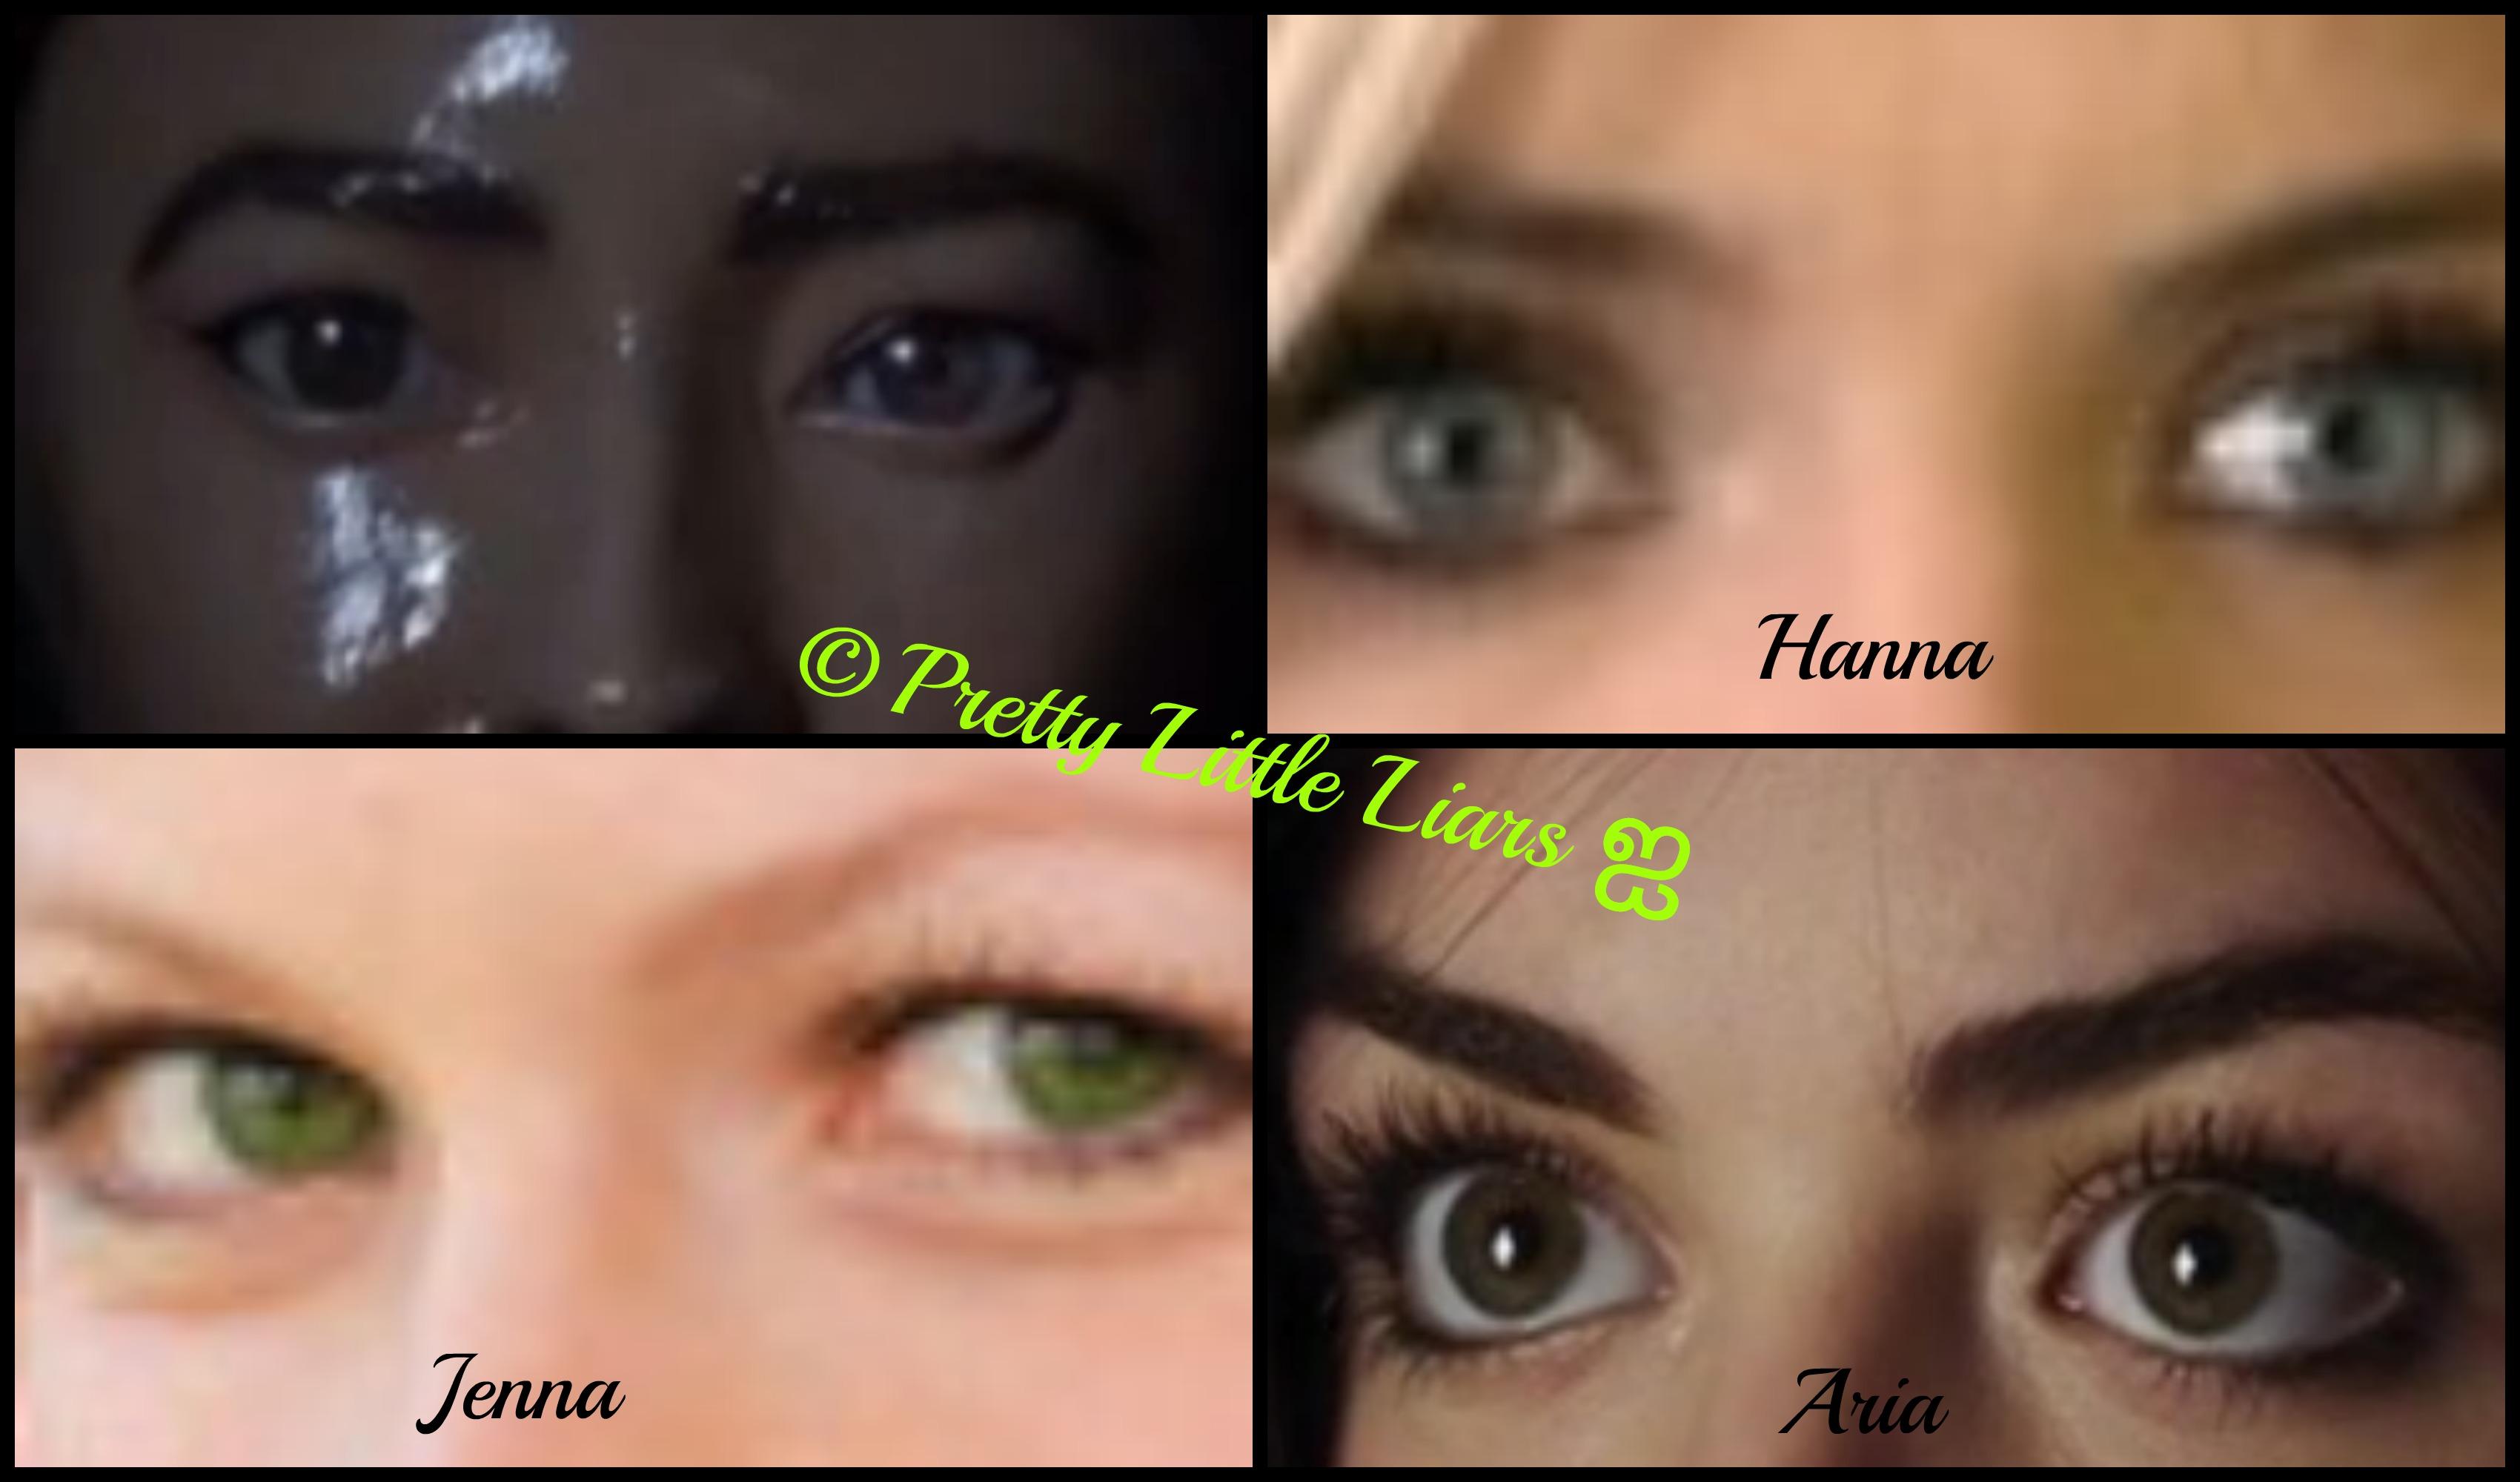 Gli occhi sono lo specchio dell 39 anima pretty little liars - Occhi specchio dell anima ...